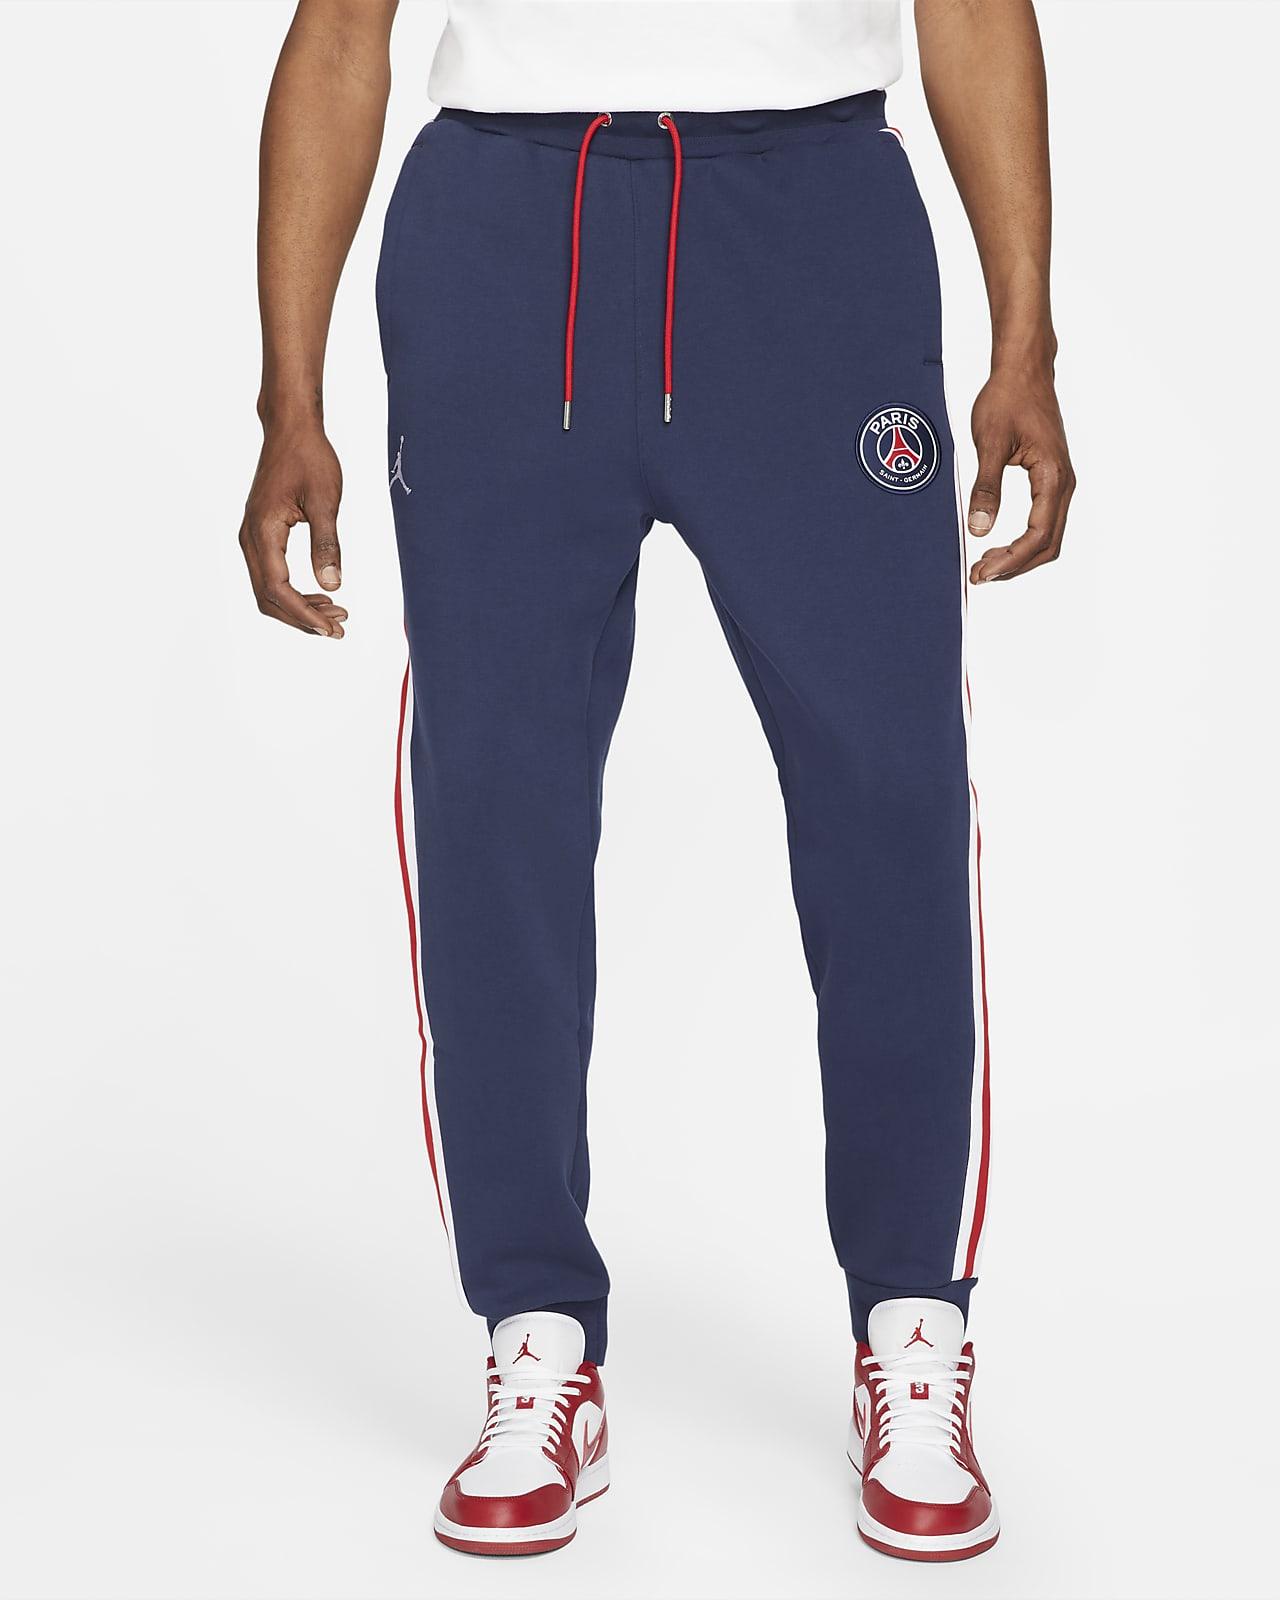 Pantalon en tissu Fleece Paris Saint-Germain pour Homme